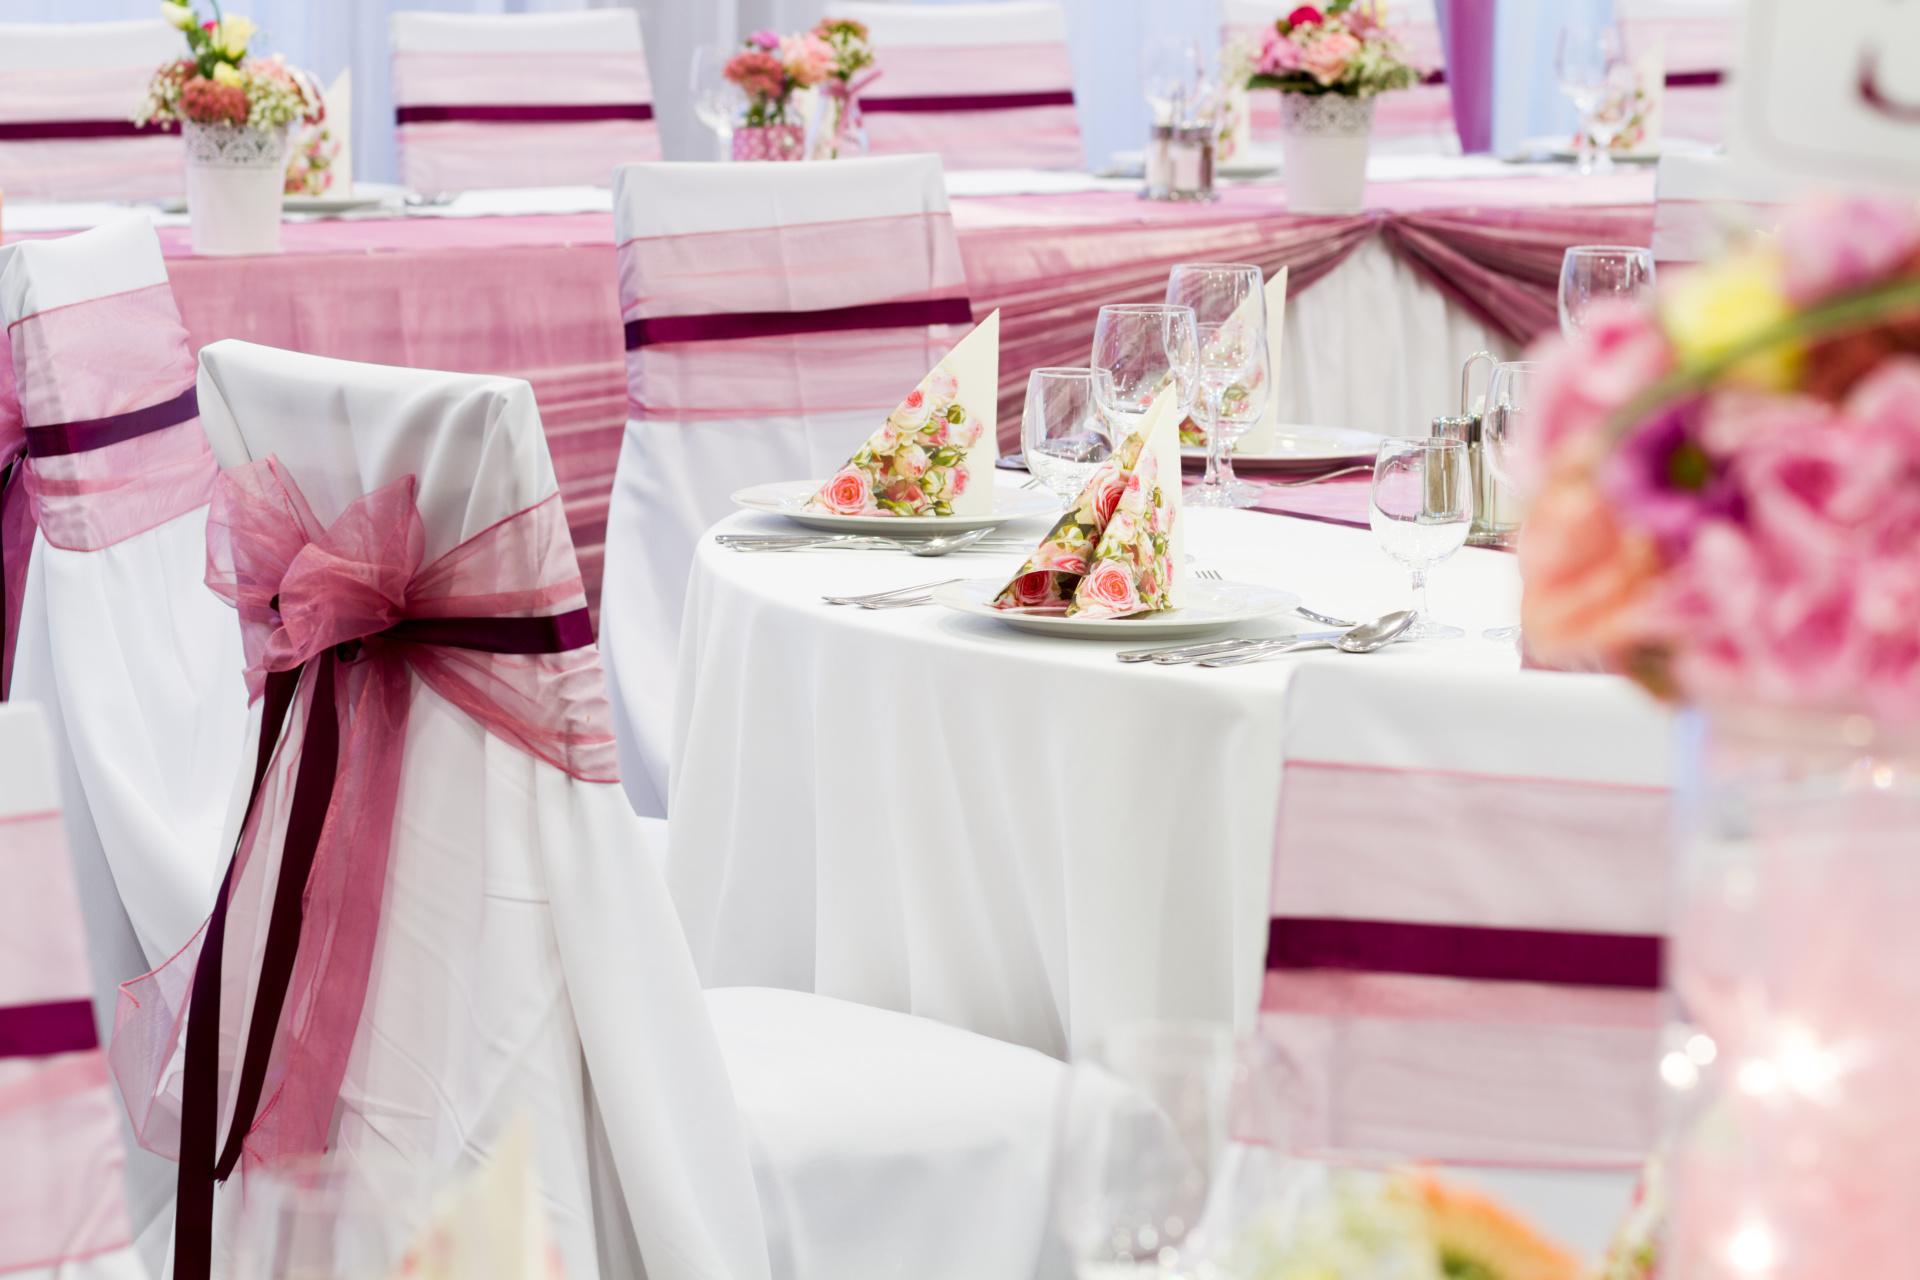 pink and burgandy wedding chair sash/cover, pink wedding, burgundy wedding, wedding chair sash, wedding chair cover, wedding chair hood